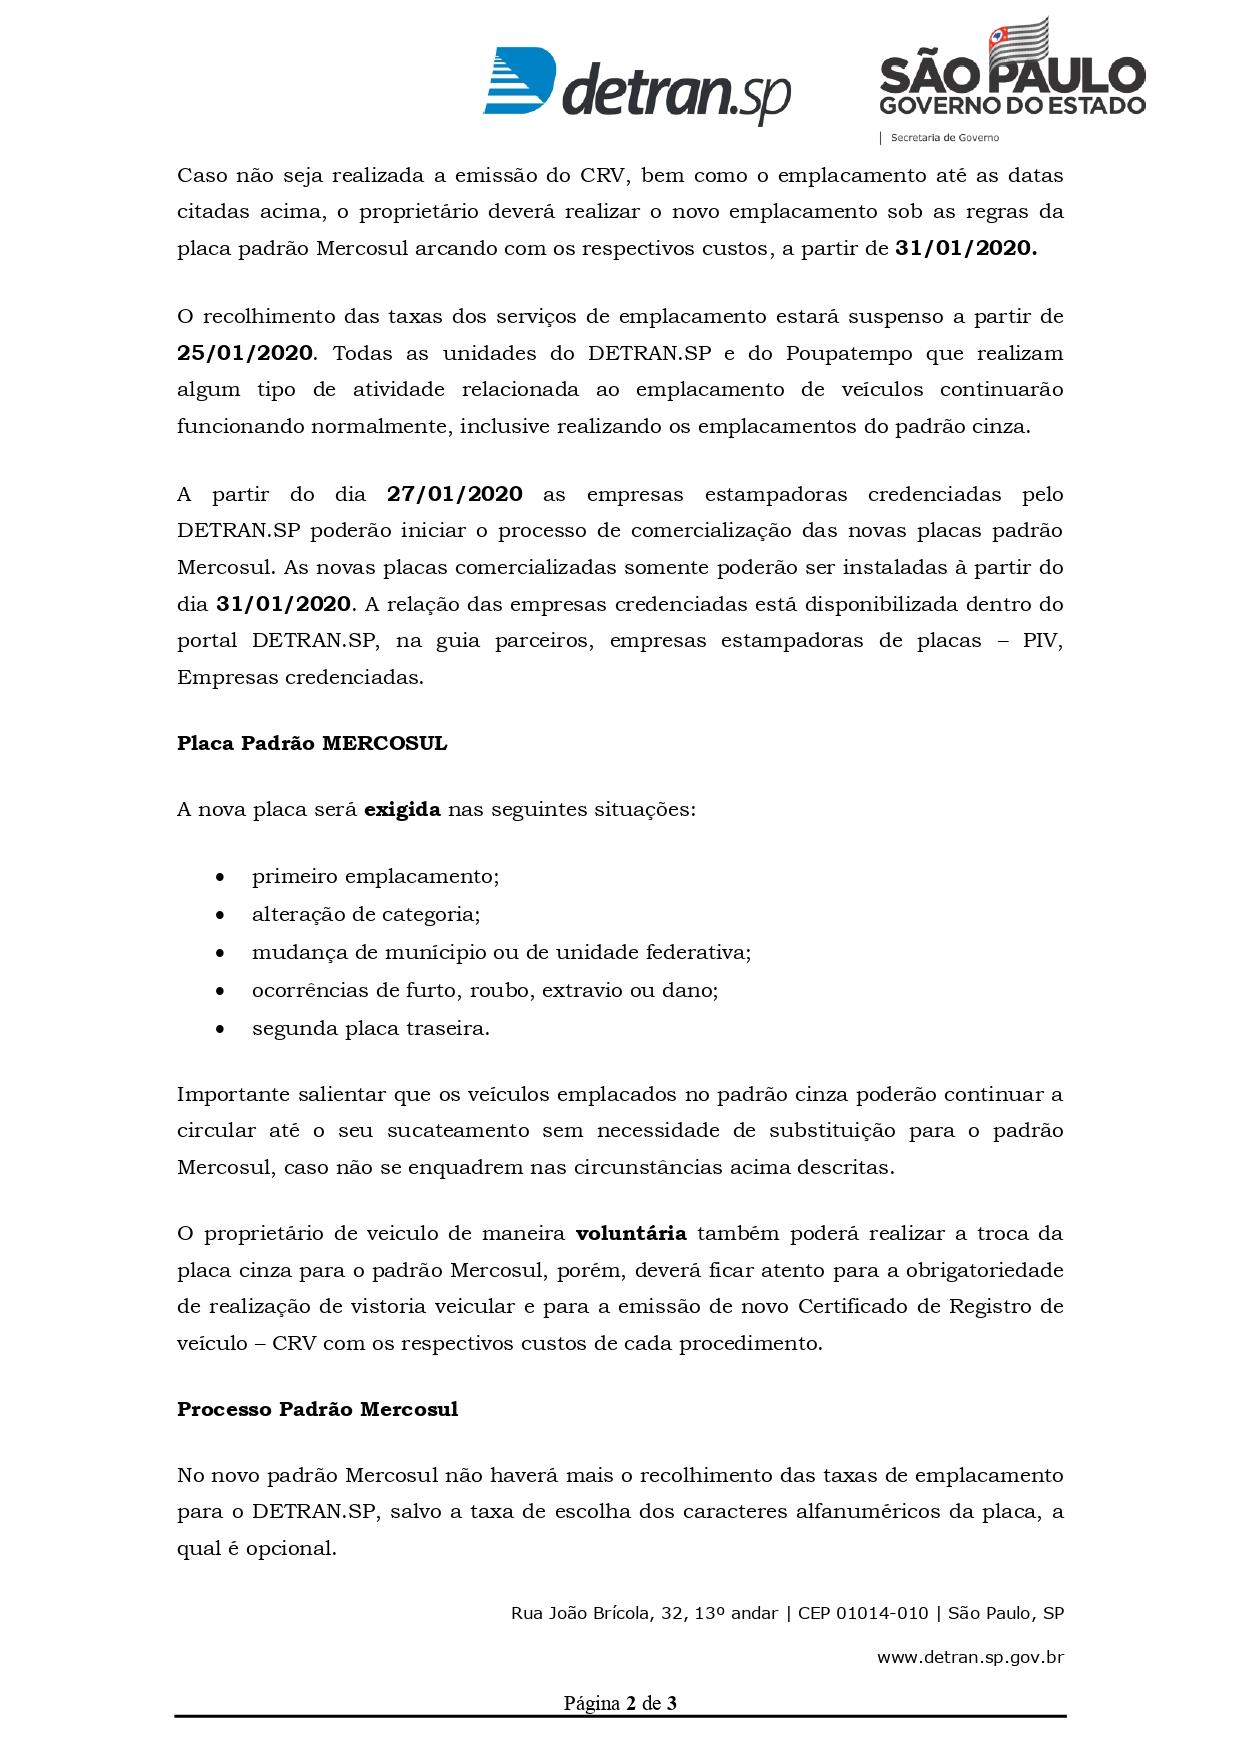 Comunicado+consolidaddo+Placas+Mercosul.+24.01.2020_page-0002